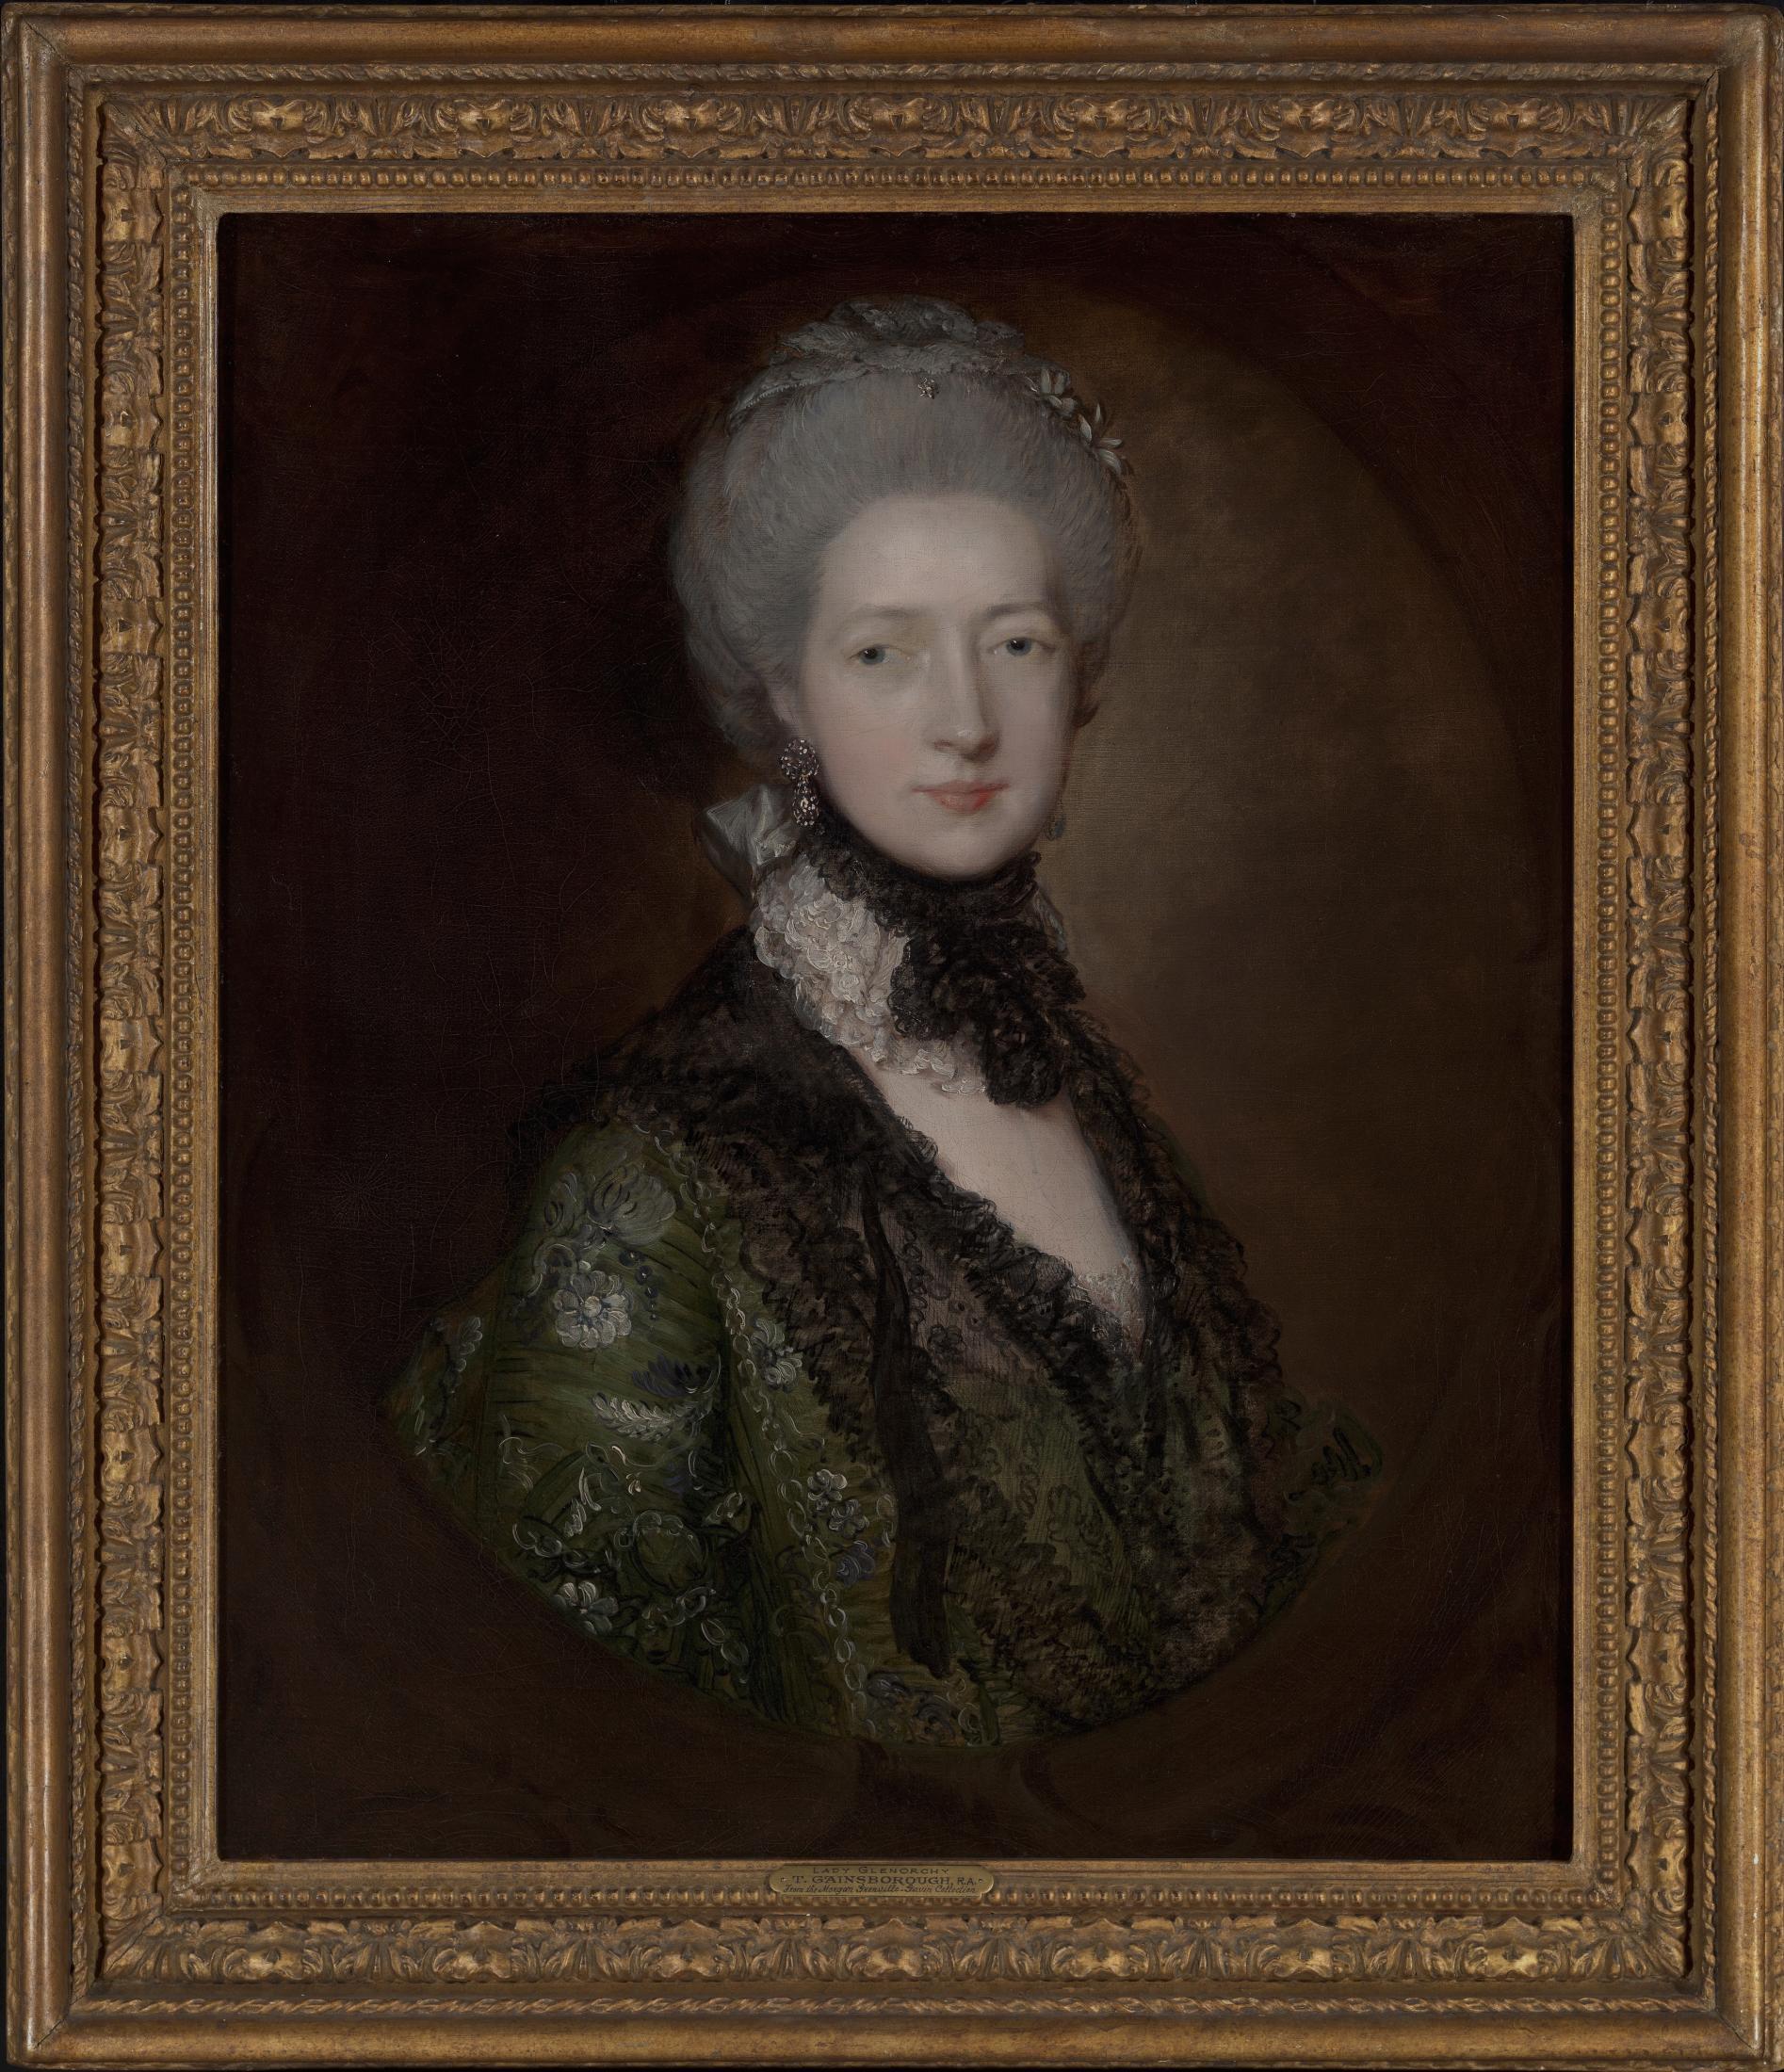 Portrait of Lady Willielma Glenorchy